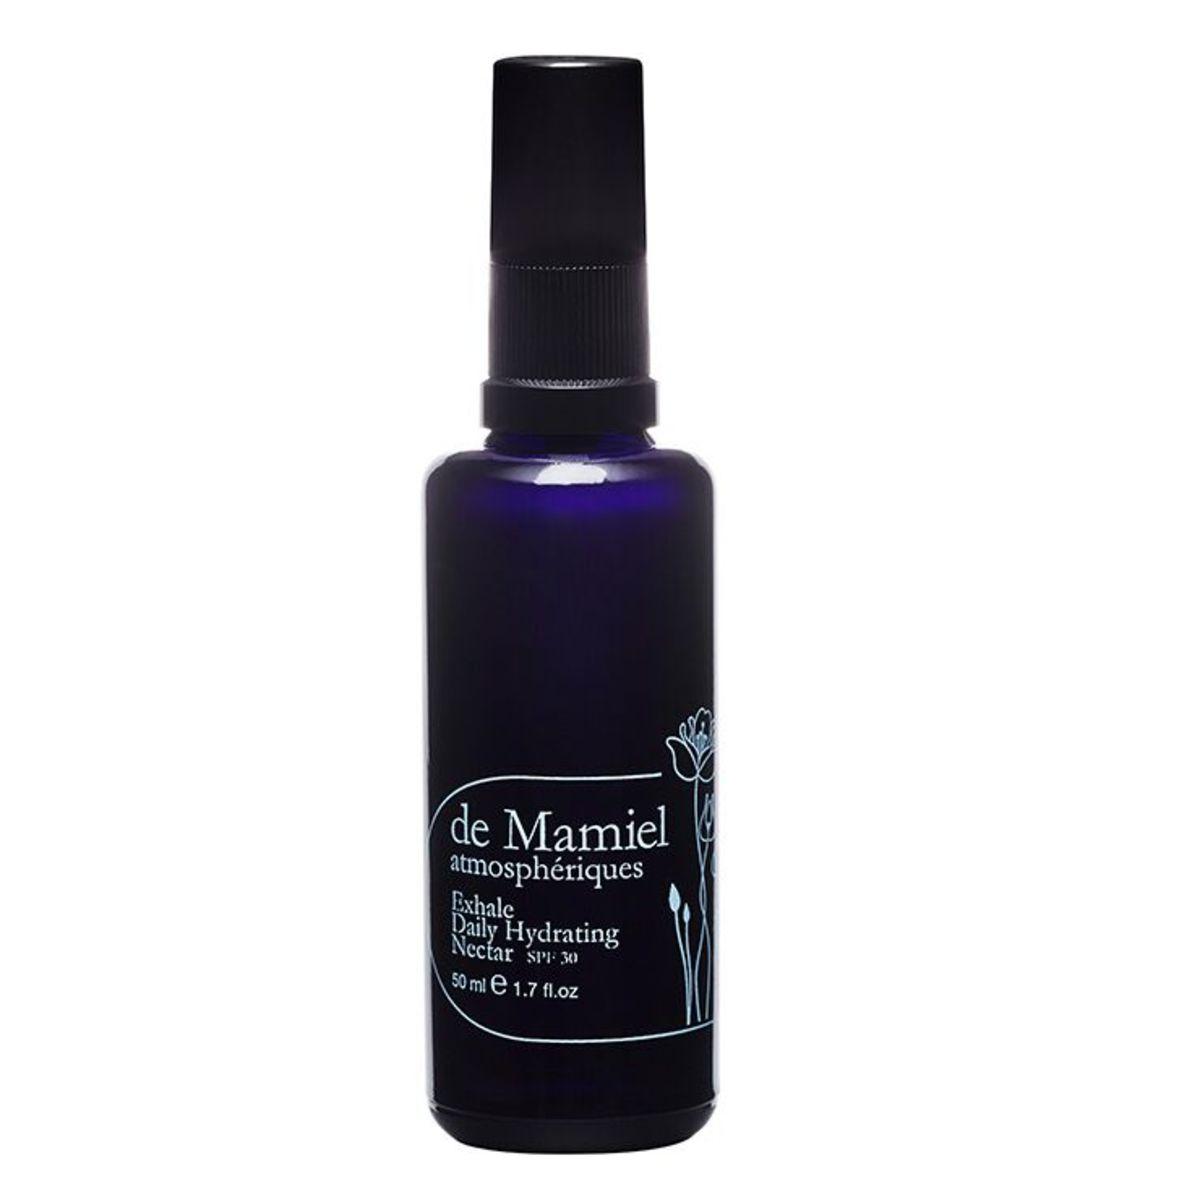 de nectar hydratant quotidien Exhale d'Exhale de Mamiel